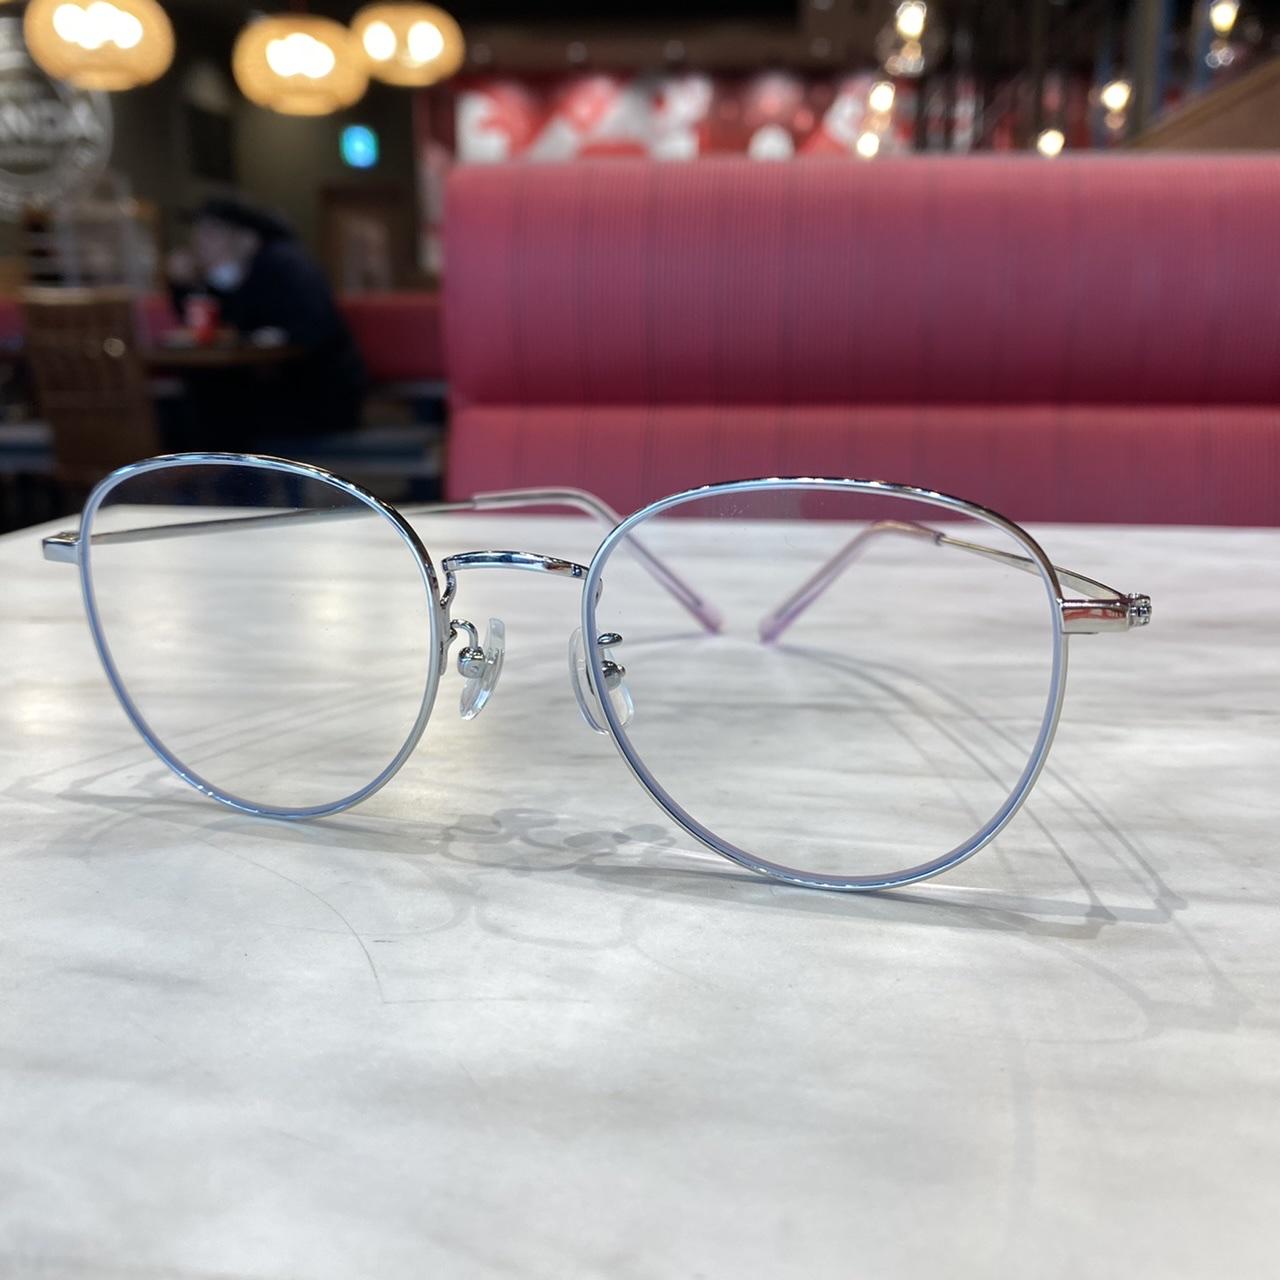 【紫外線対策】UVカットメガネ買ってみました☀︎_1